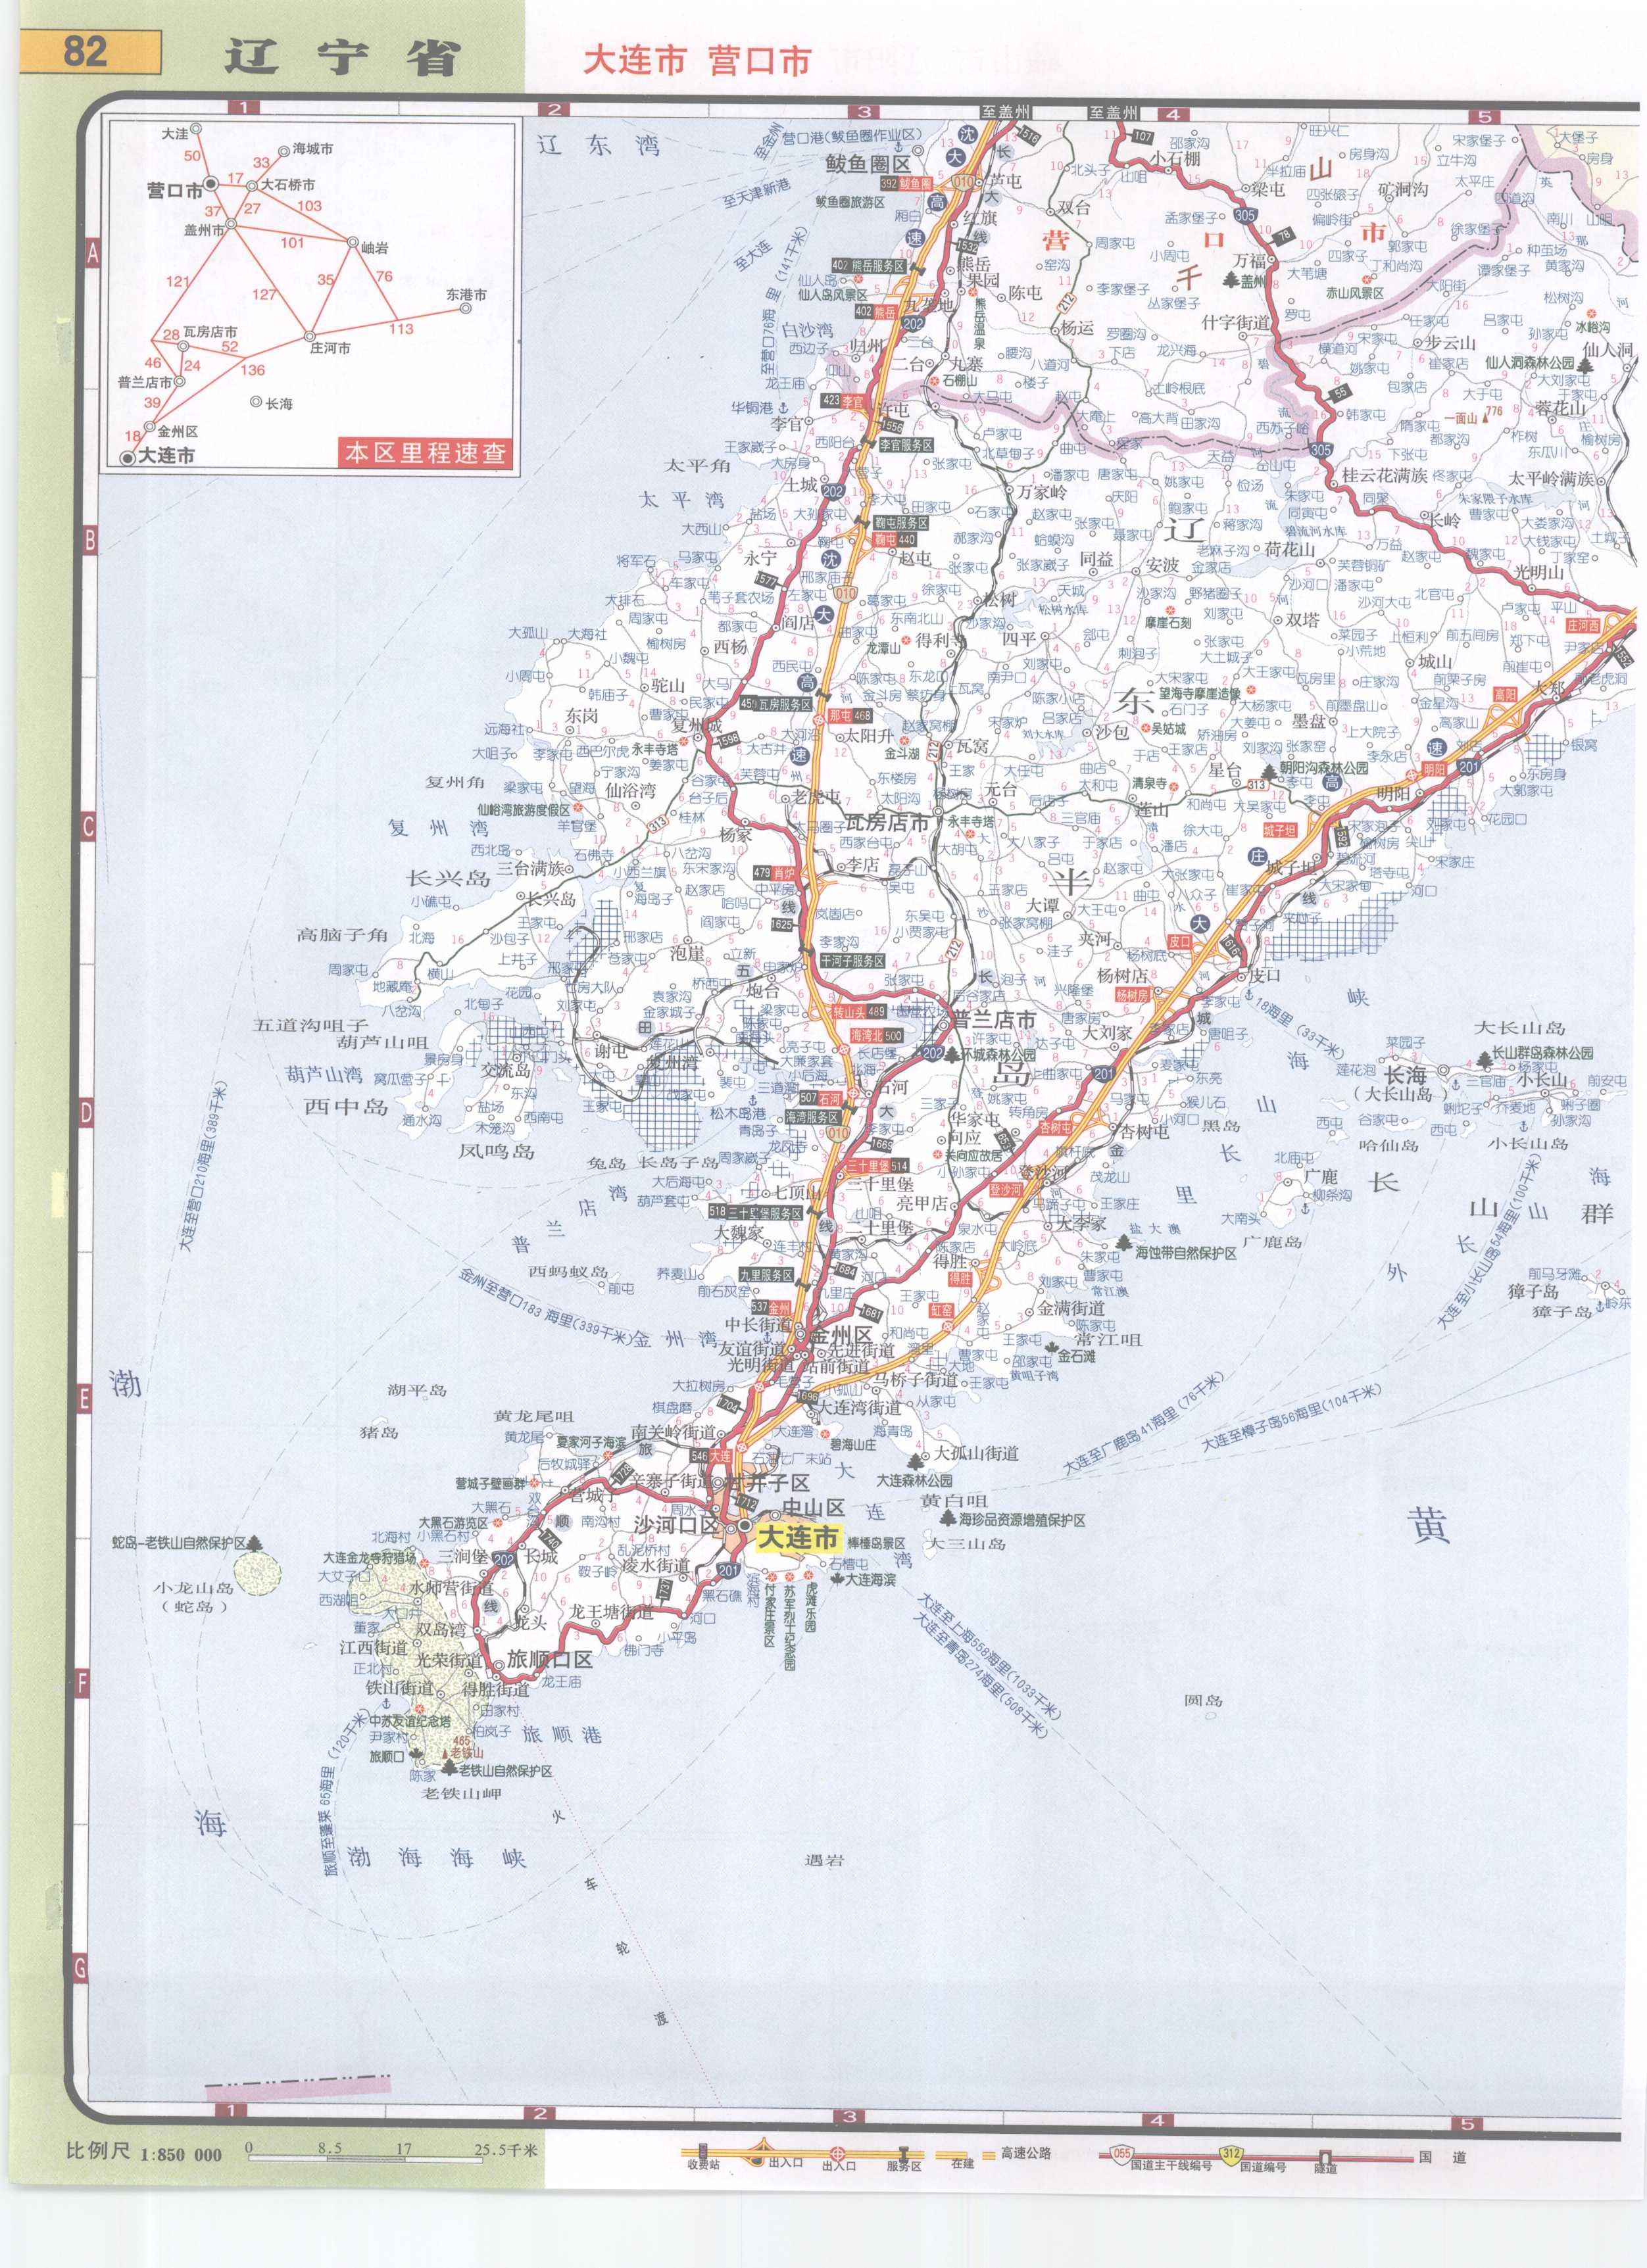 辽宁省大连市营口市高速公路网地图_交通地图库